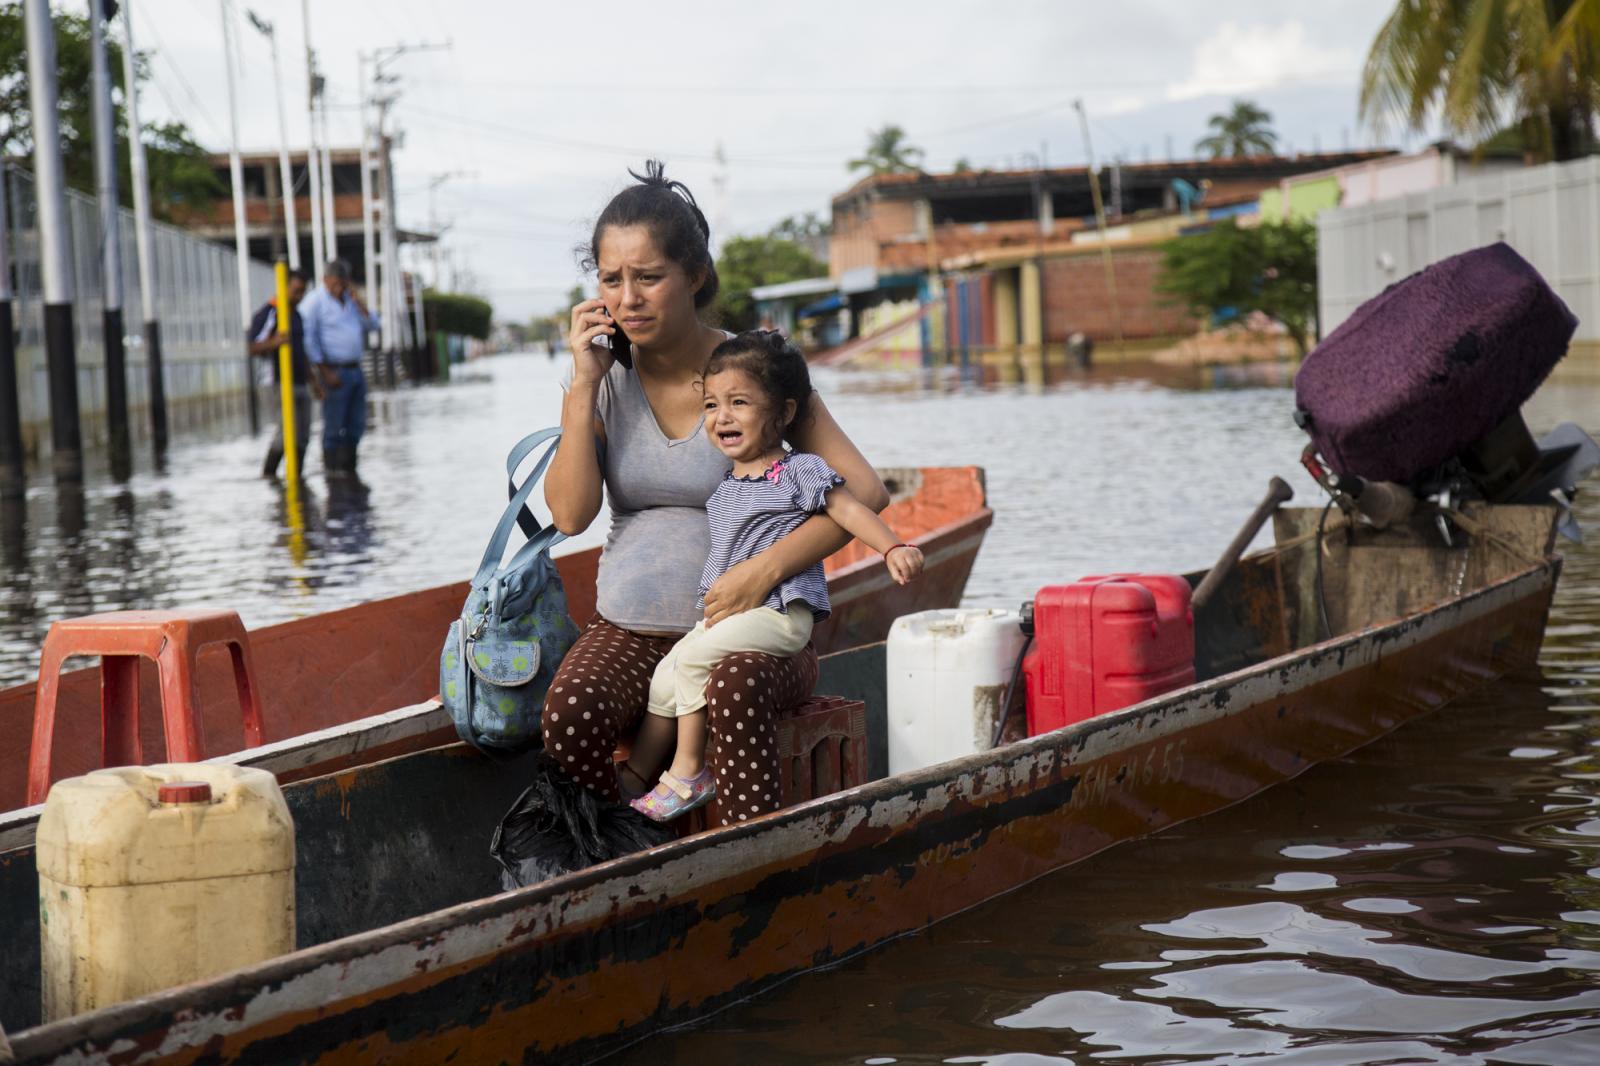 Una mujer intenta hablar por celular con su hija en brazos, mientras esperan que el conductor de la canoa inicie el camino, en Guasdualito, estado Apure, el 6 de julio de 2015.